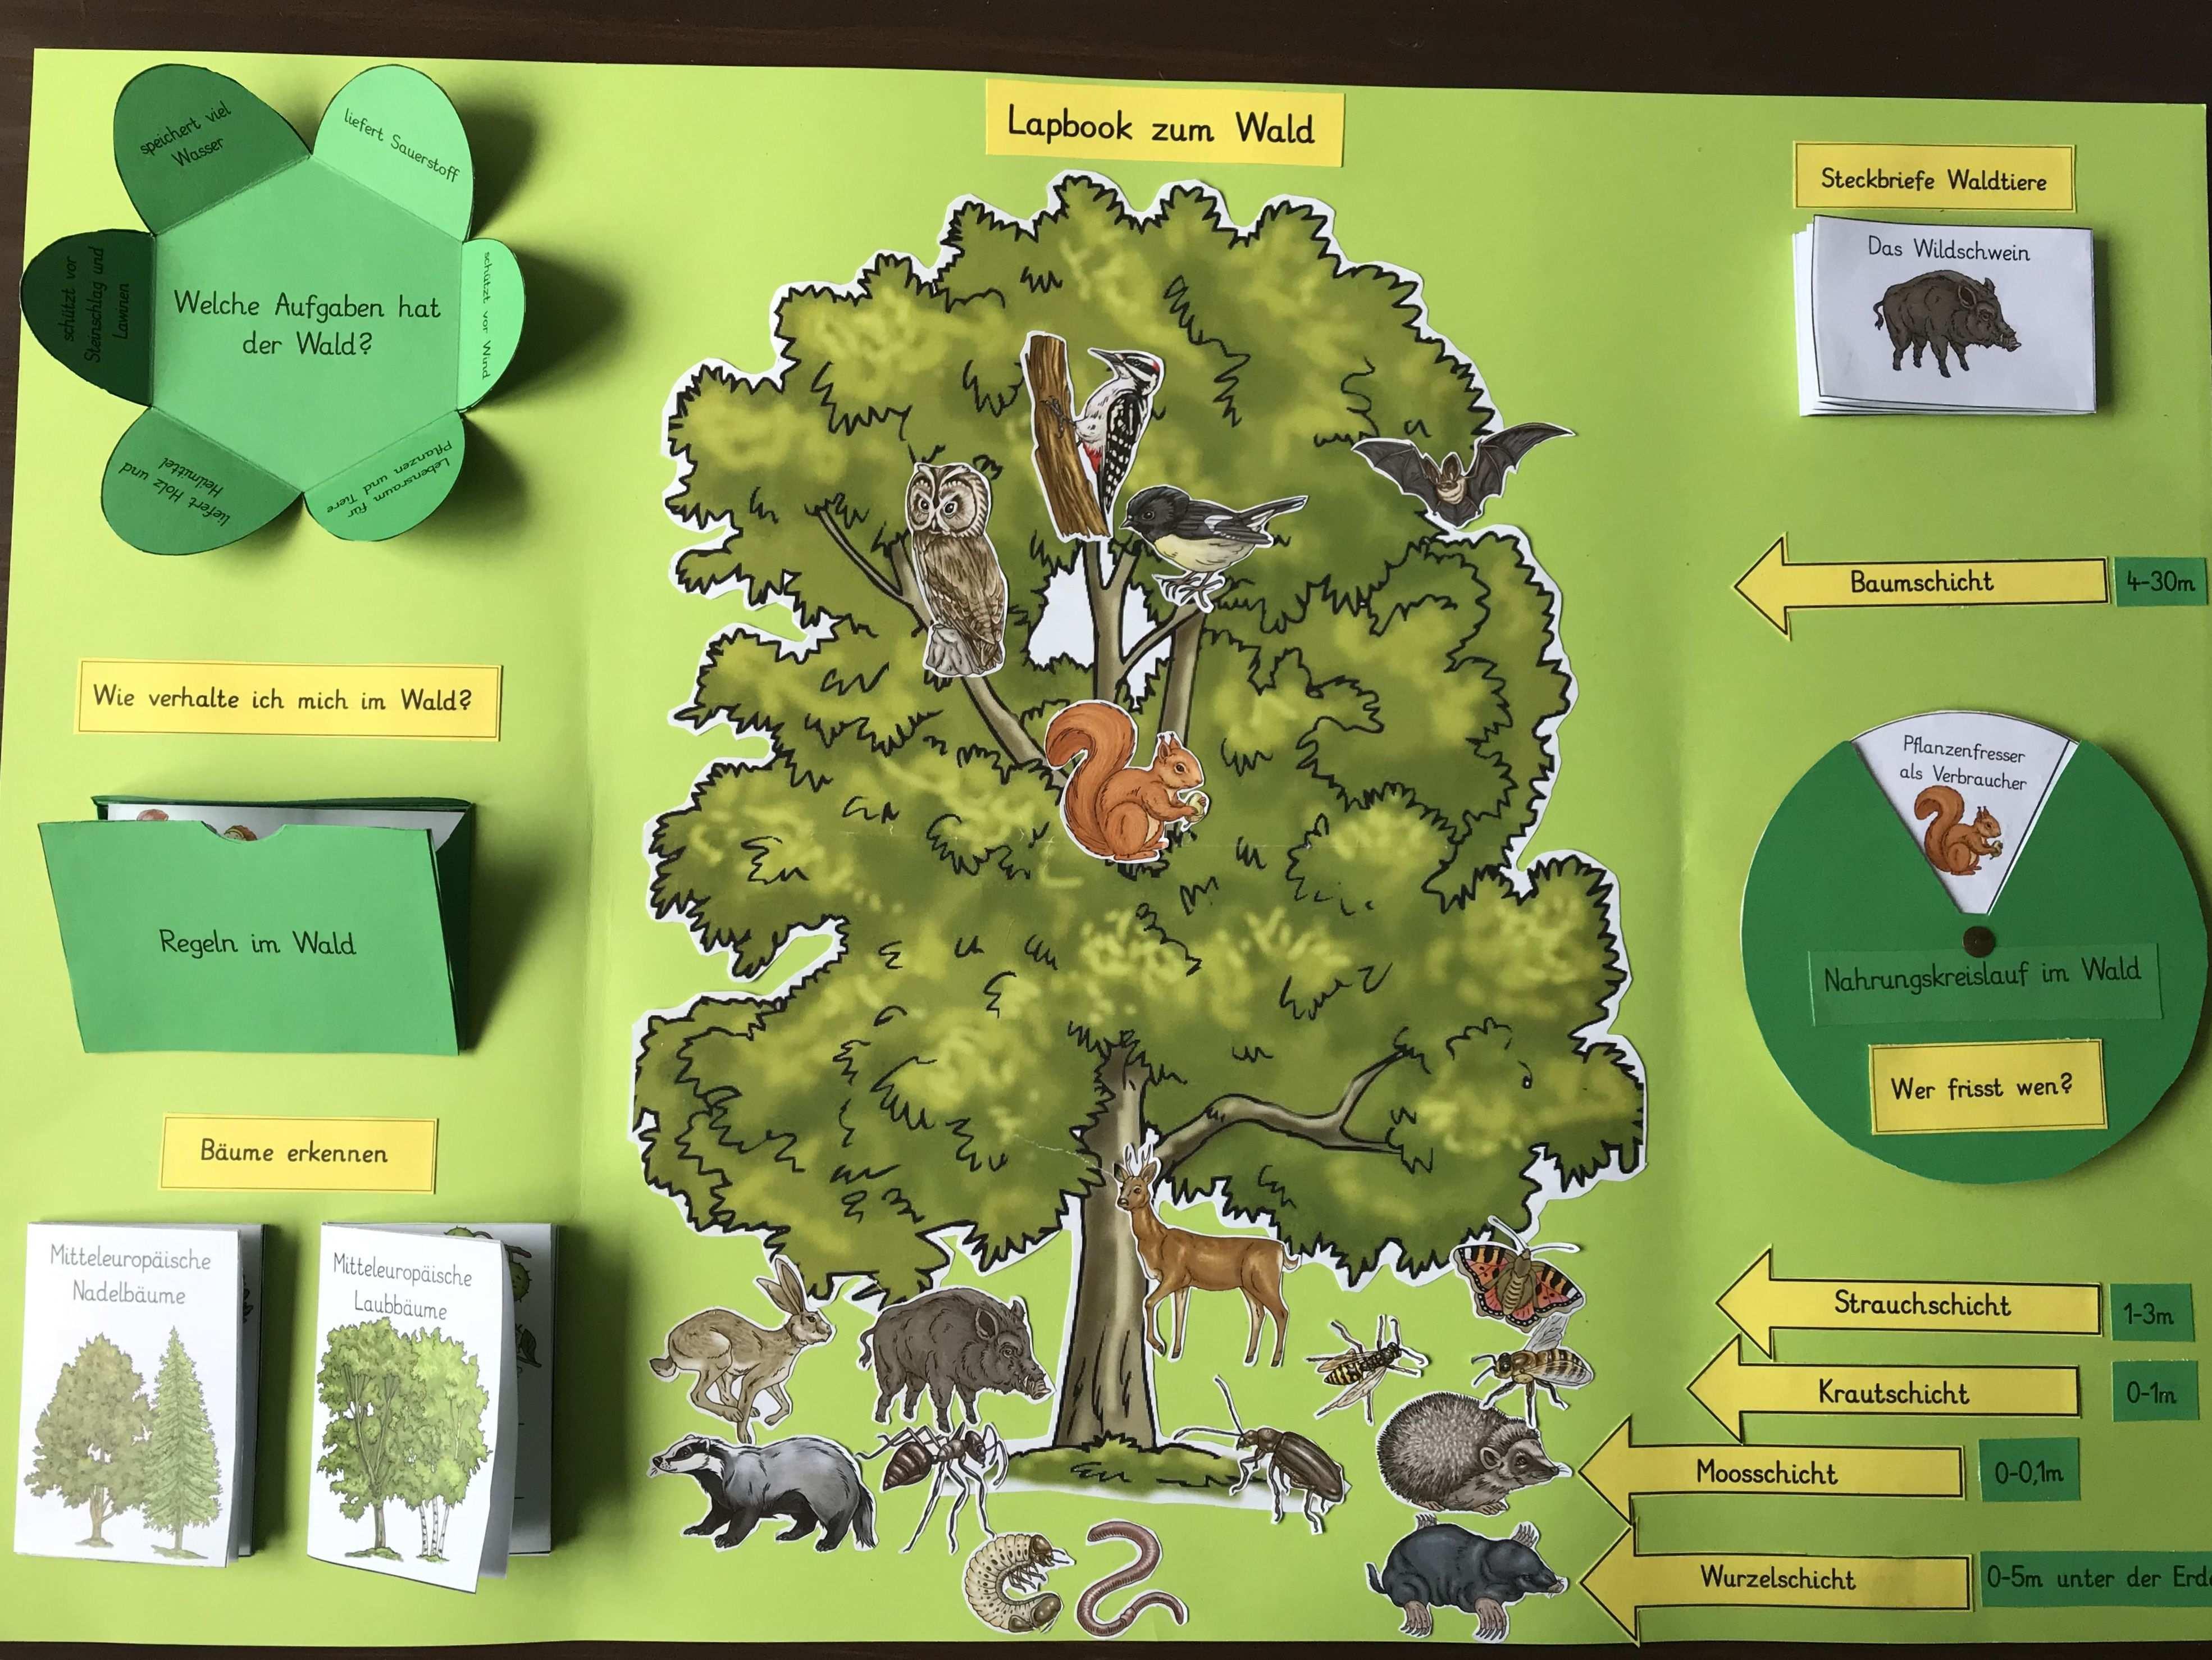 Lapbook Zum Thema Wald Mit Lapbook Vorlage Wald Grundschule